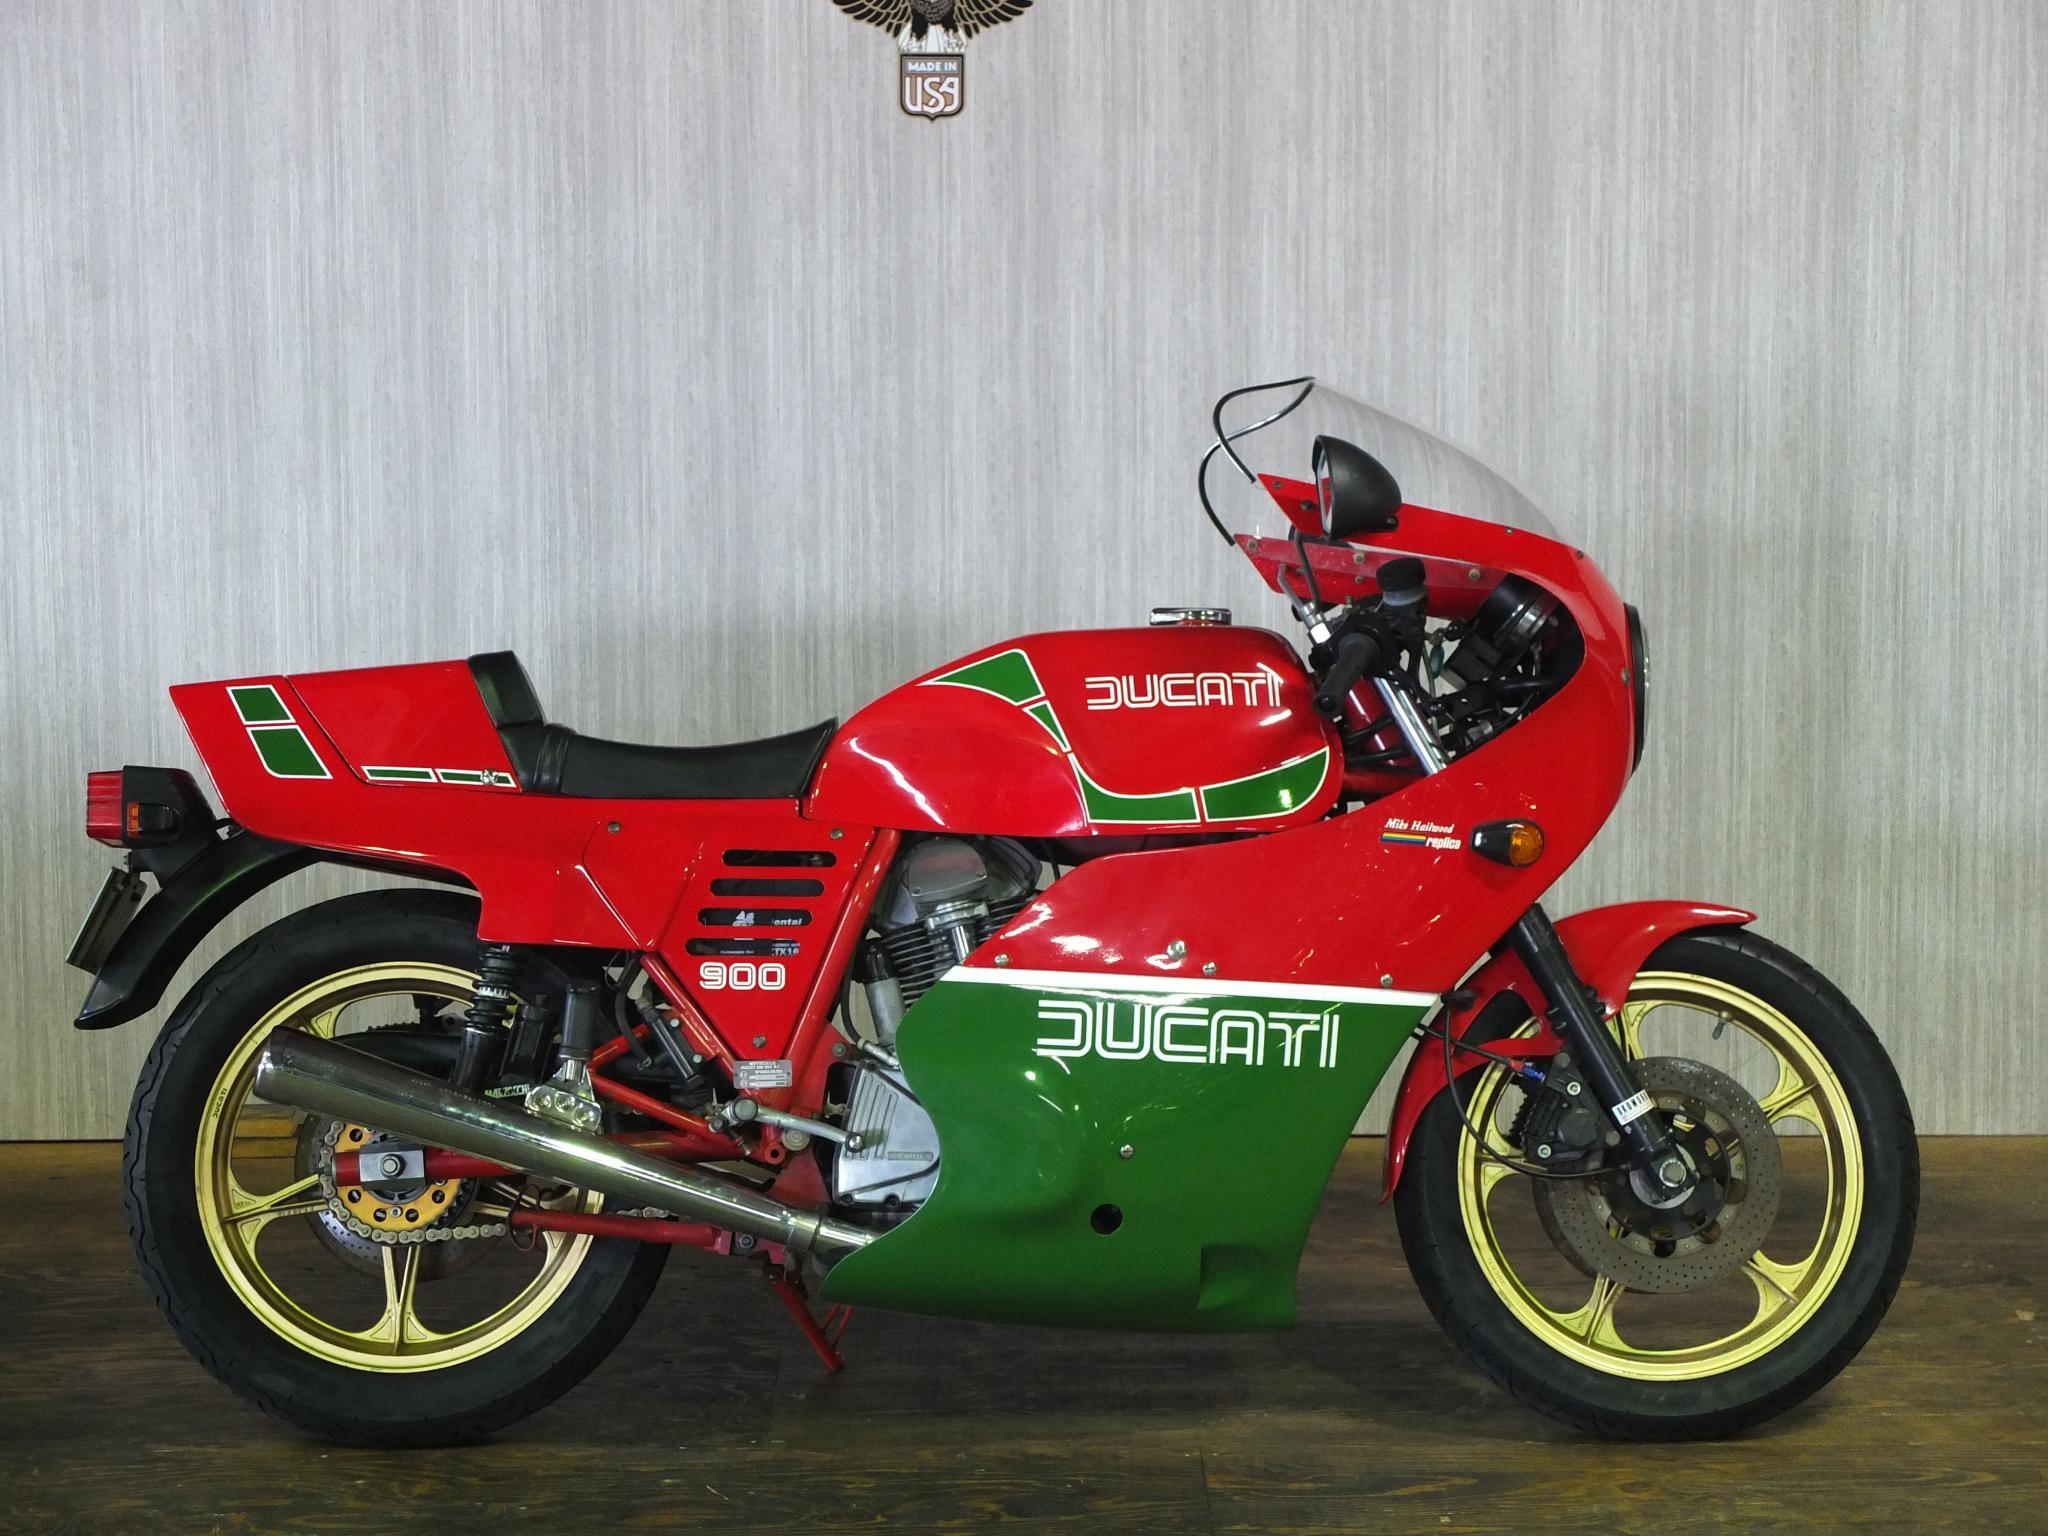 ドゥカティ 1983 Ducati MHR 900 R1 車体写真1